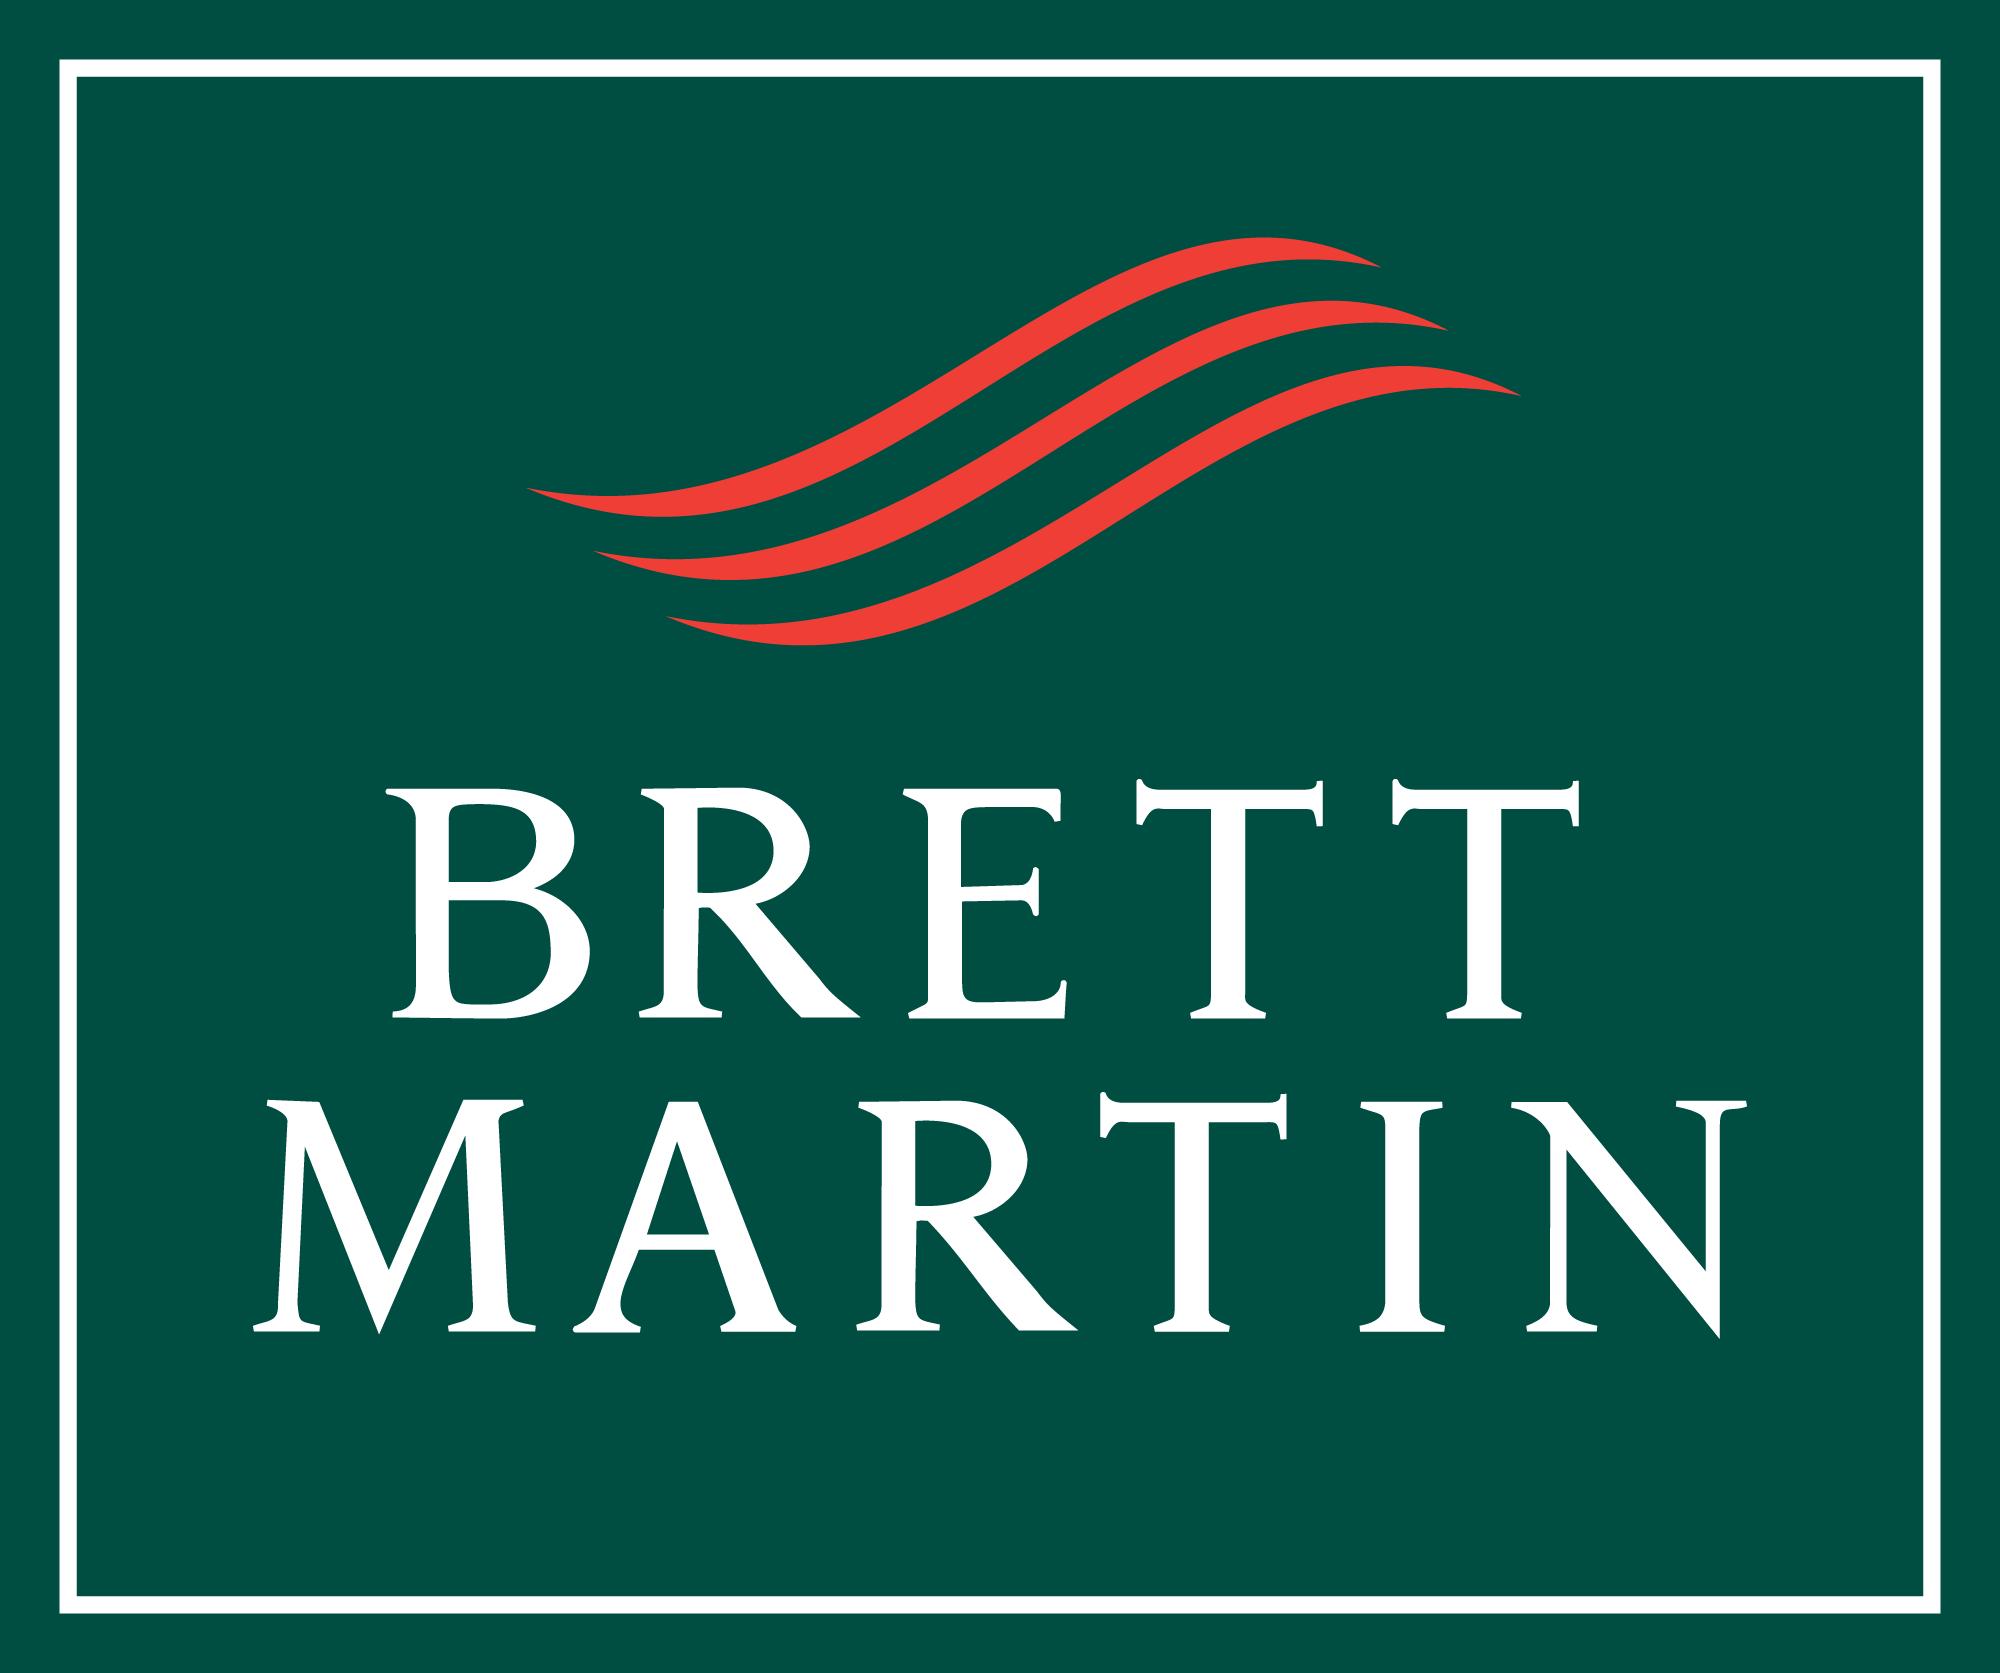 Brett Martin